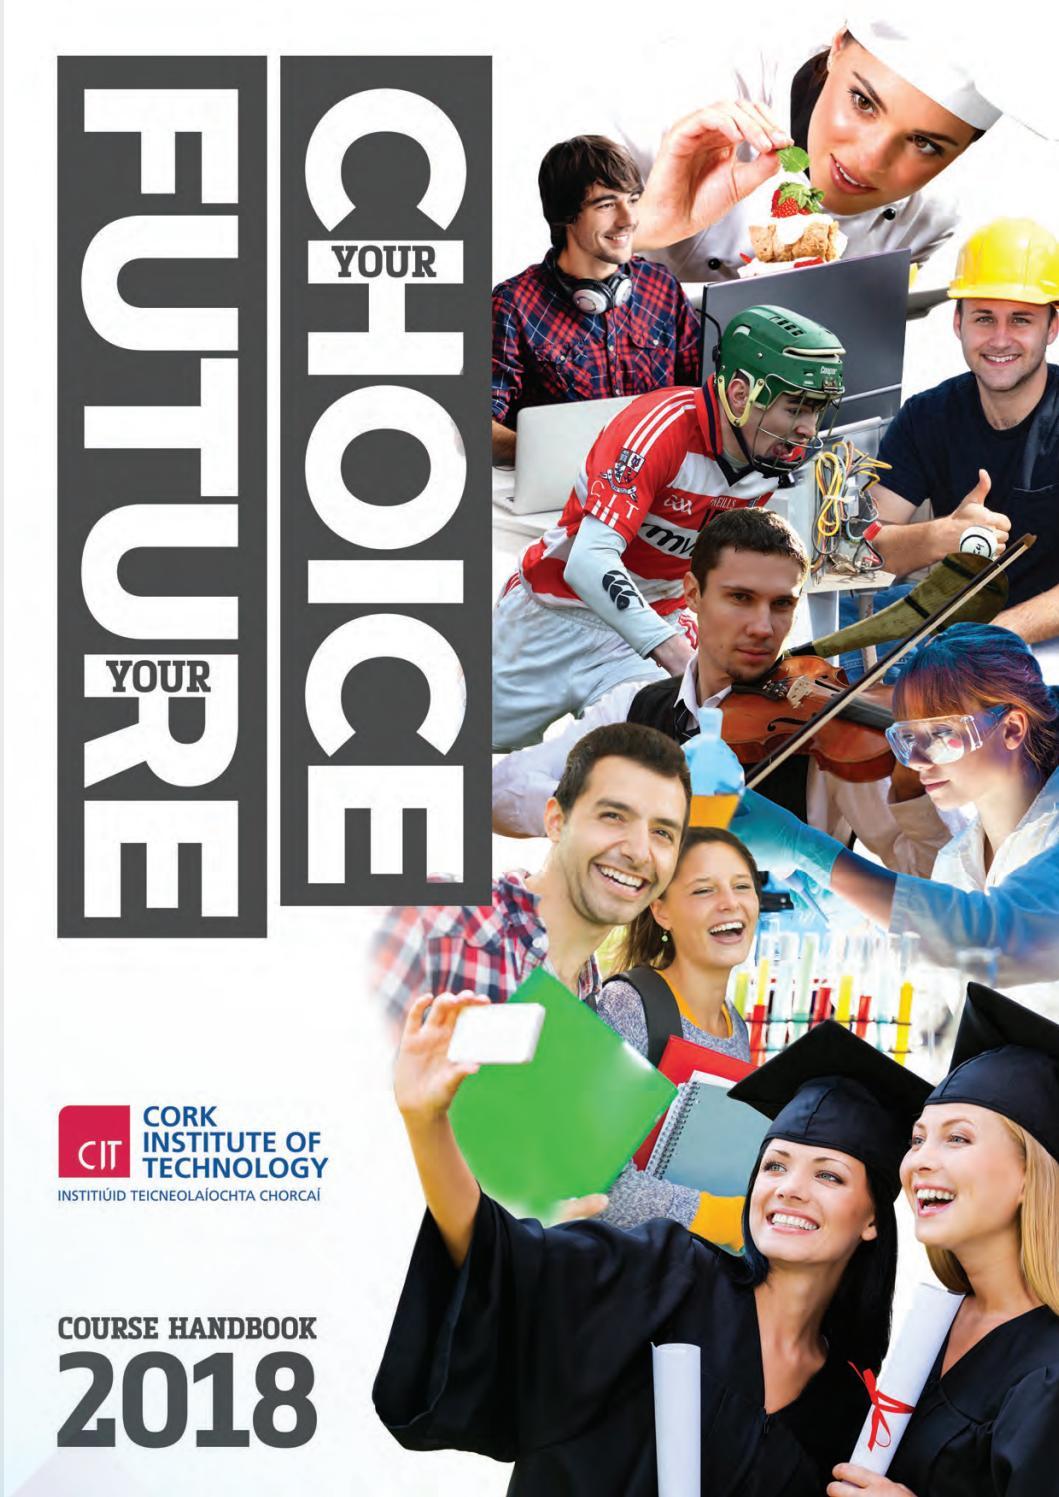 LIT Undergraduate Prospectus 2018 - confx.co.uk